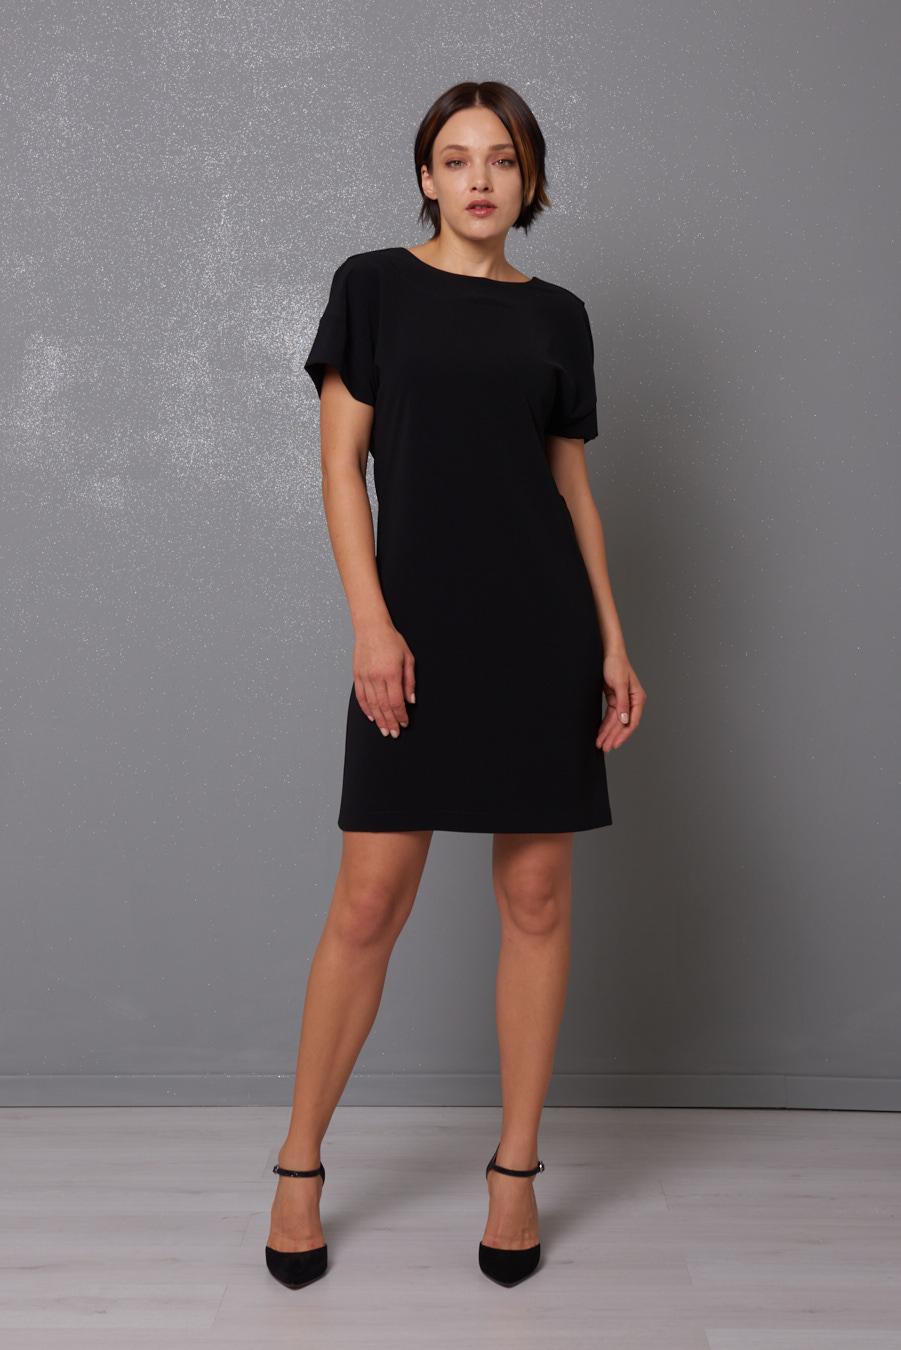 Backless Black Dress Kikisix